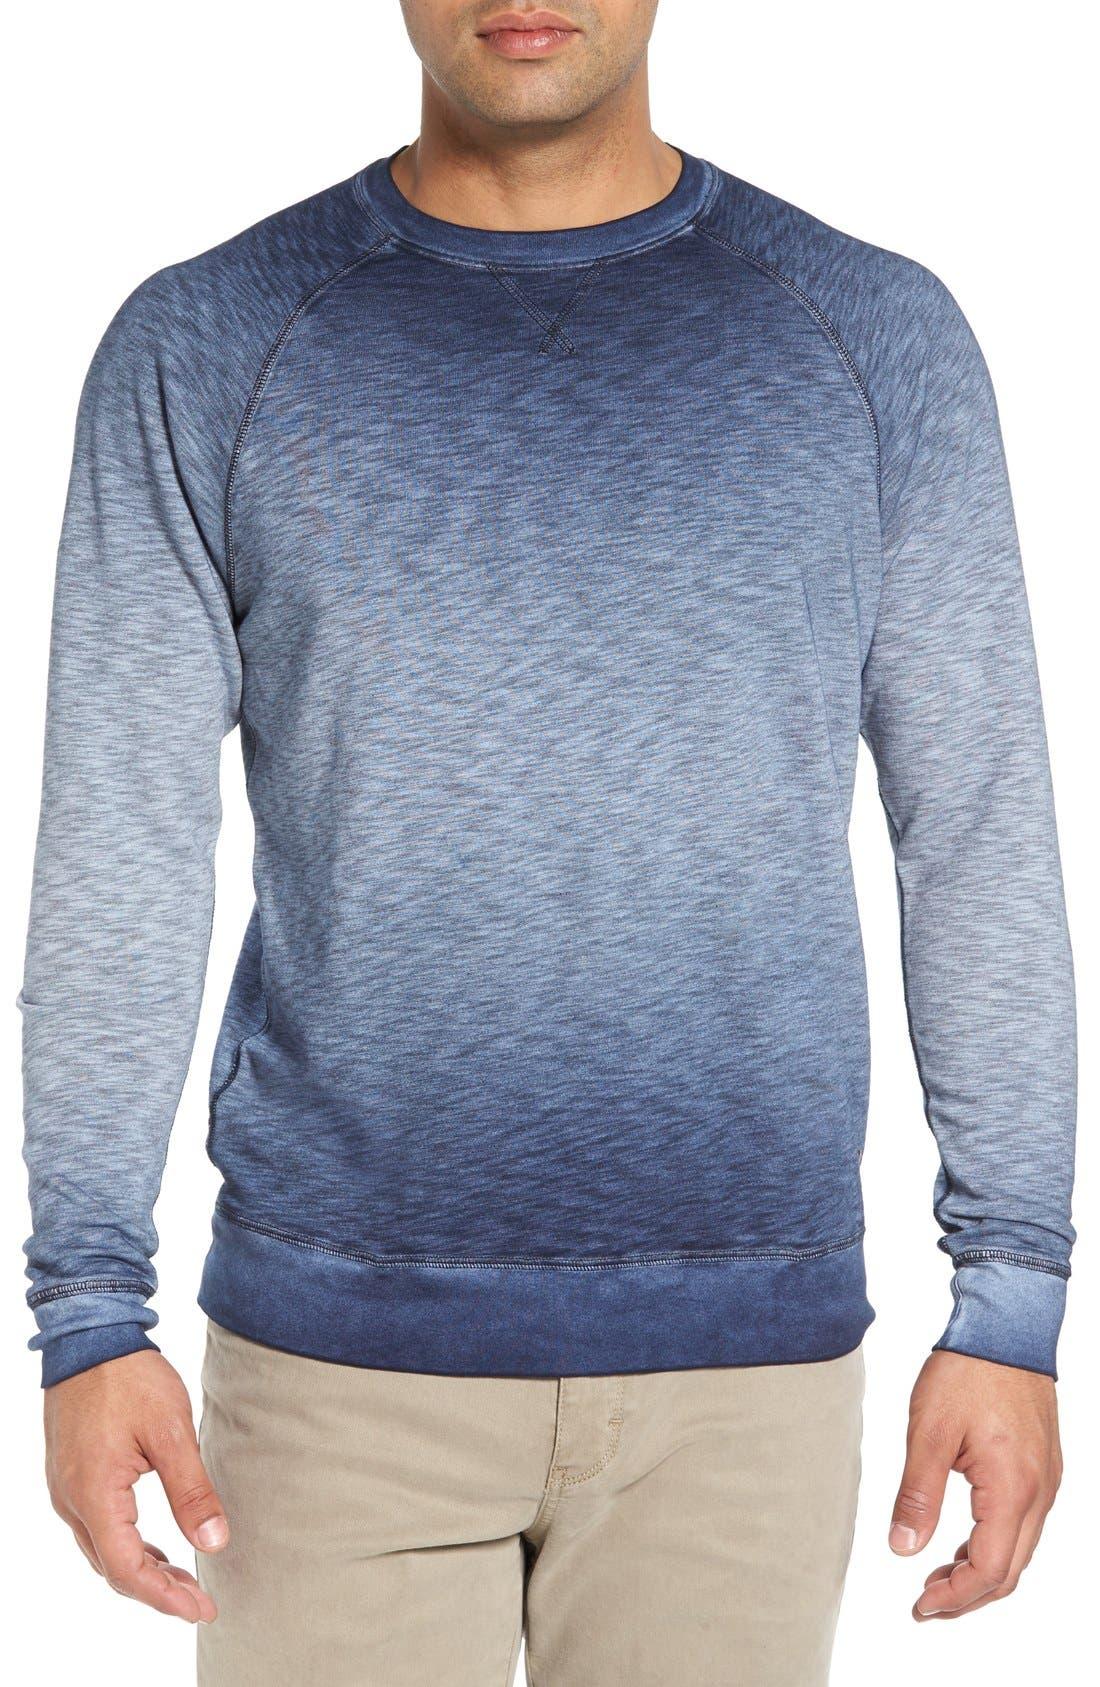 'Santiago' Ombré Crewneck Sweatshirt,                         Main,                         color, Navy